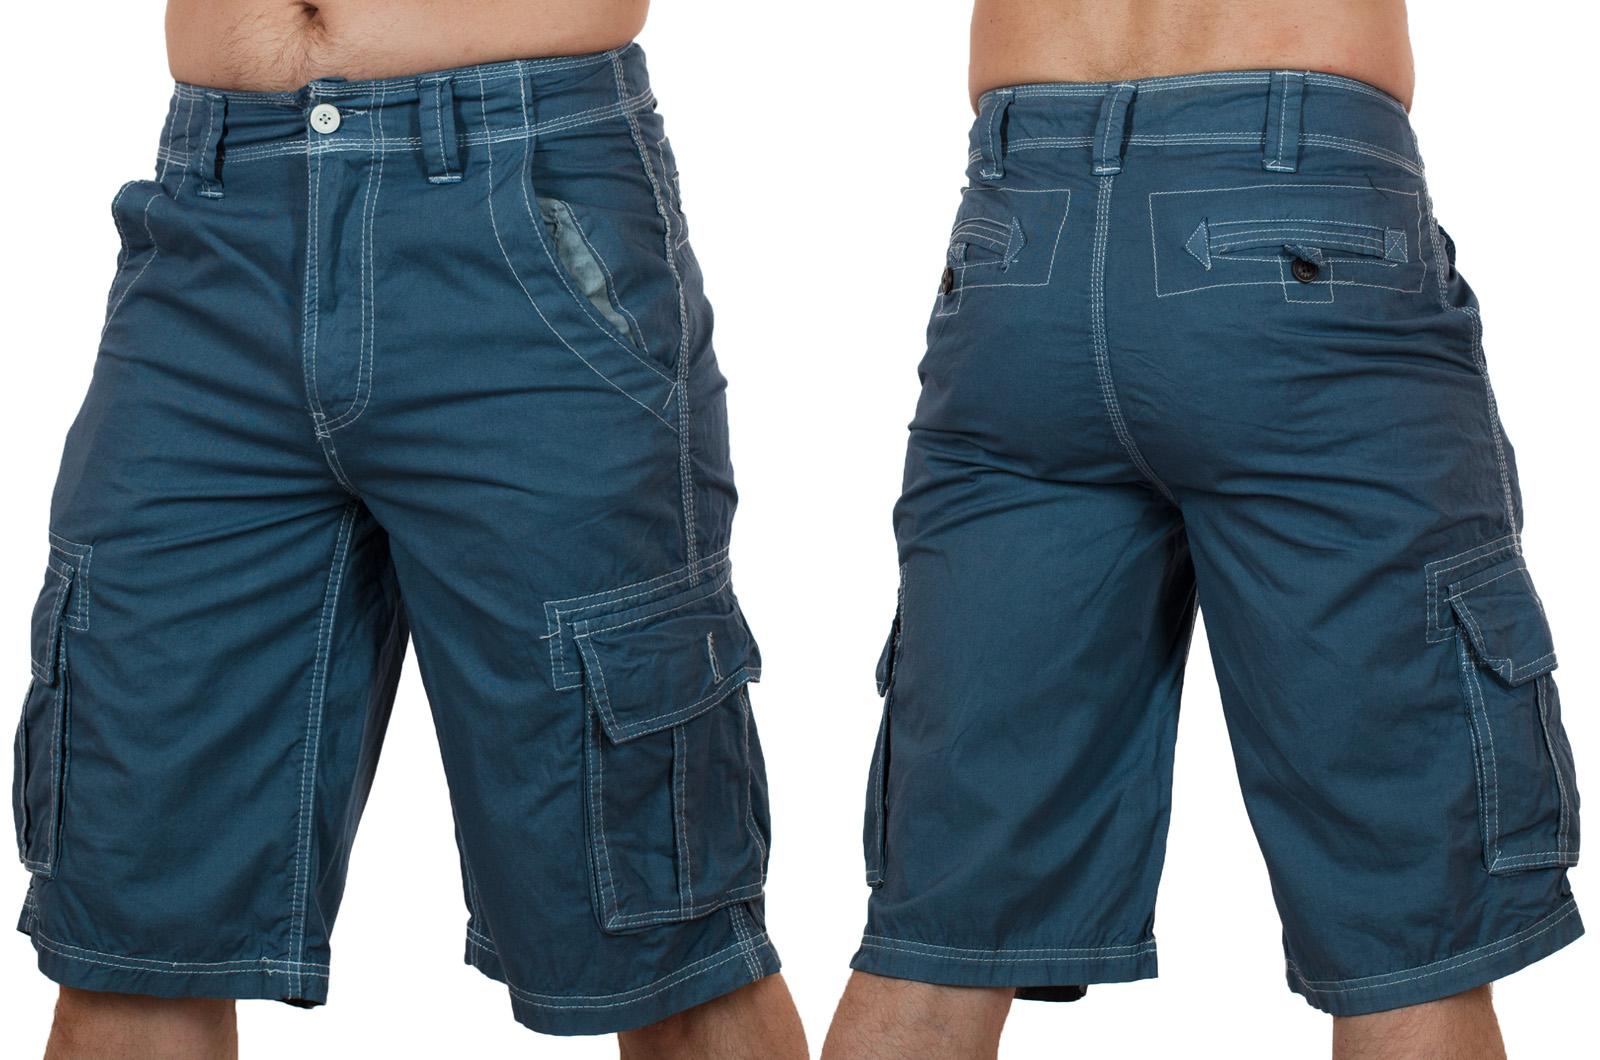 Заказать эксклюзивные мужские шорты карго от Denim House